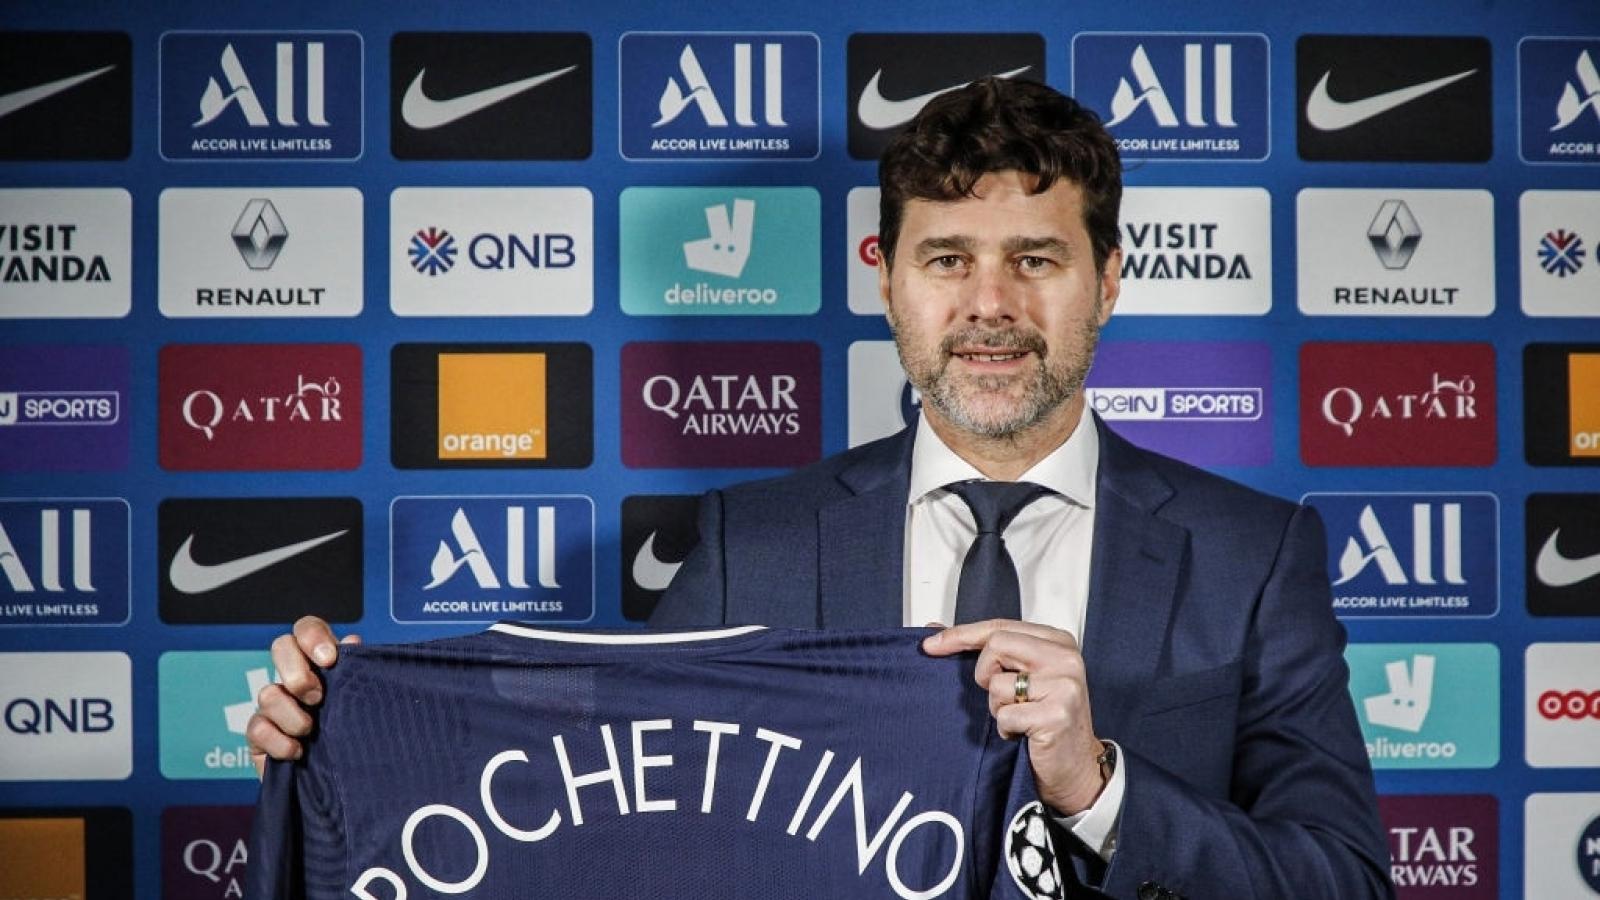 Huấn luyện viên mà MU săn đón đã ký hợp đồng với PSG